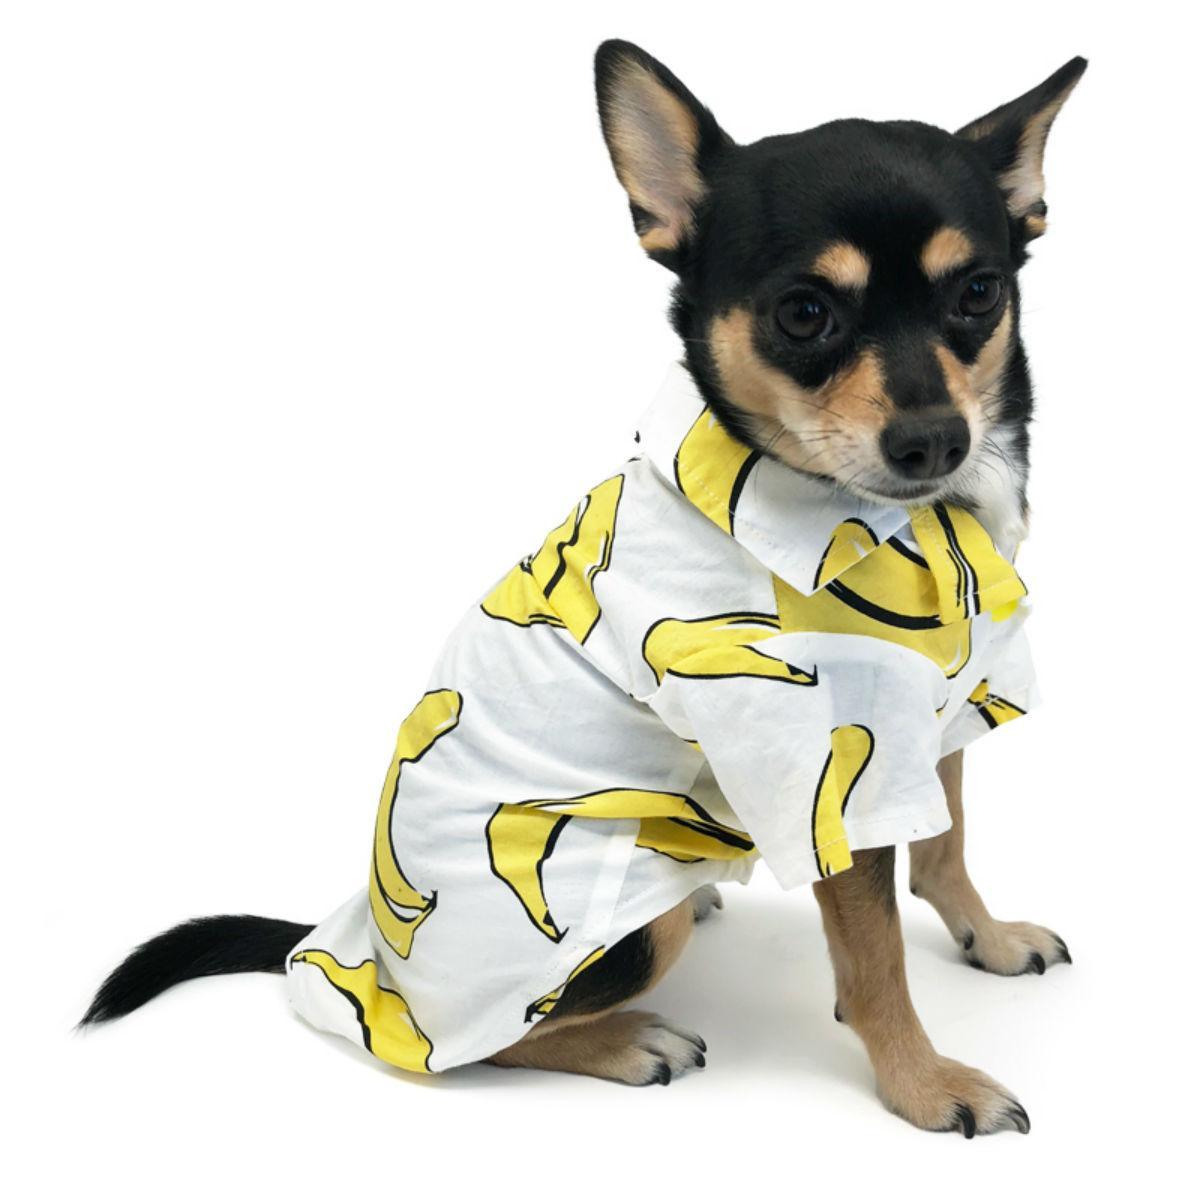 Banana Collared Dog Shirt by Dogo